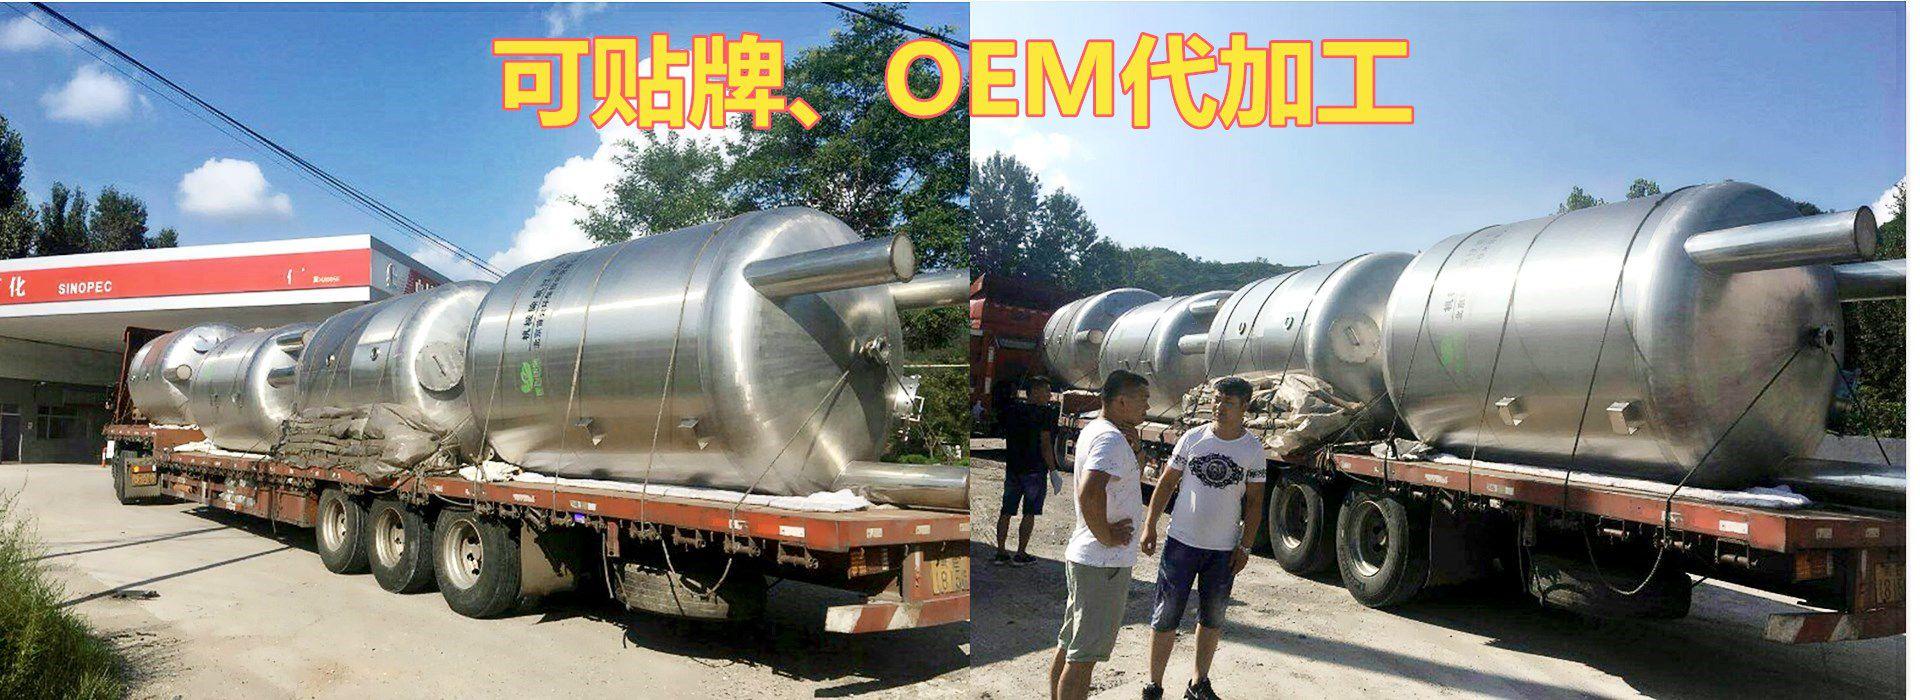 深圳市罗湖区脉德净净水化设备商行